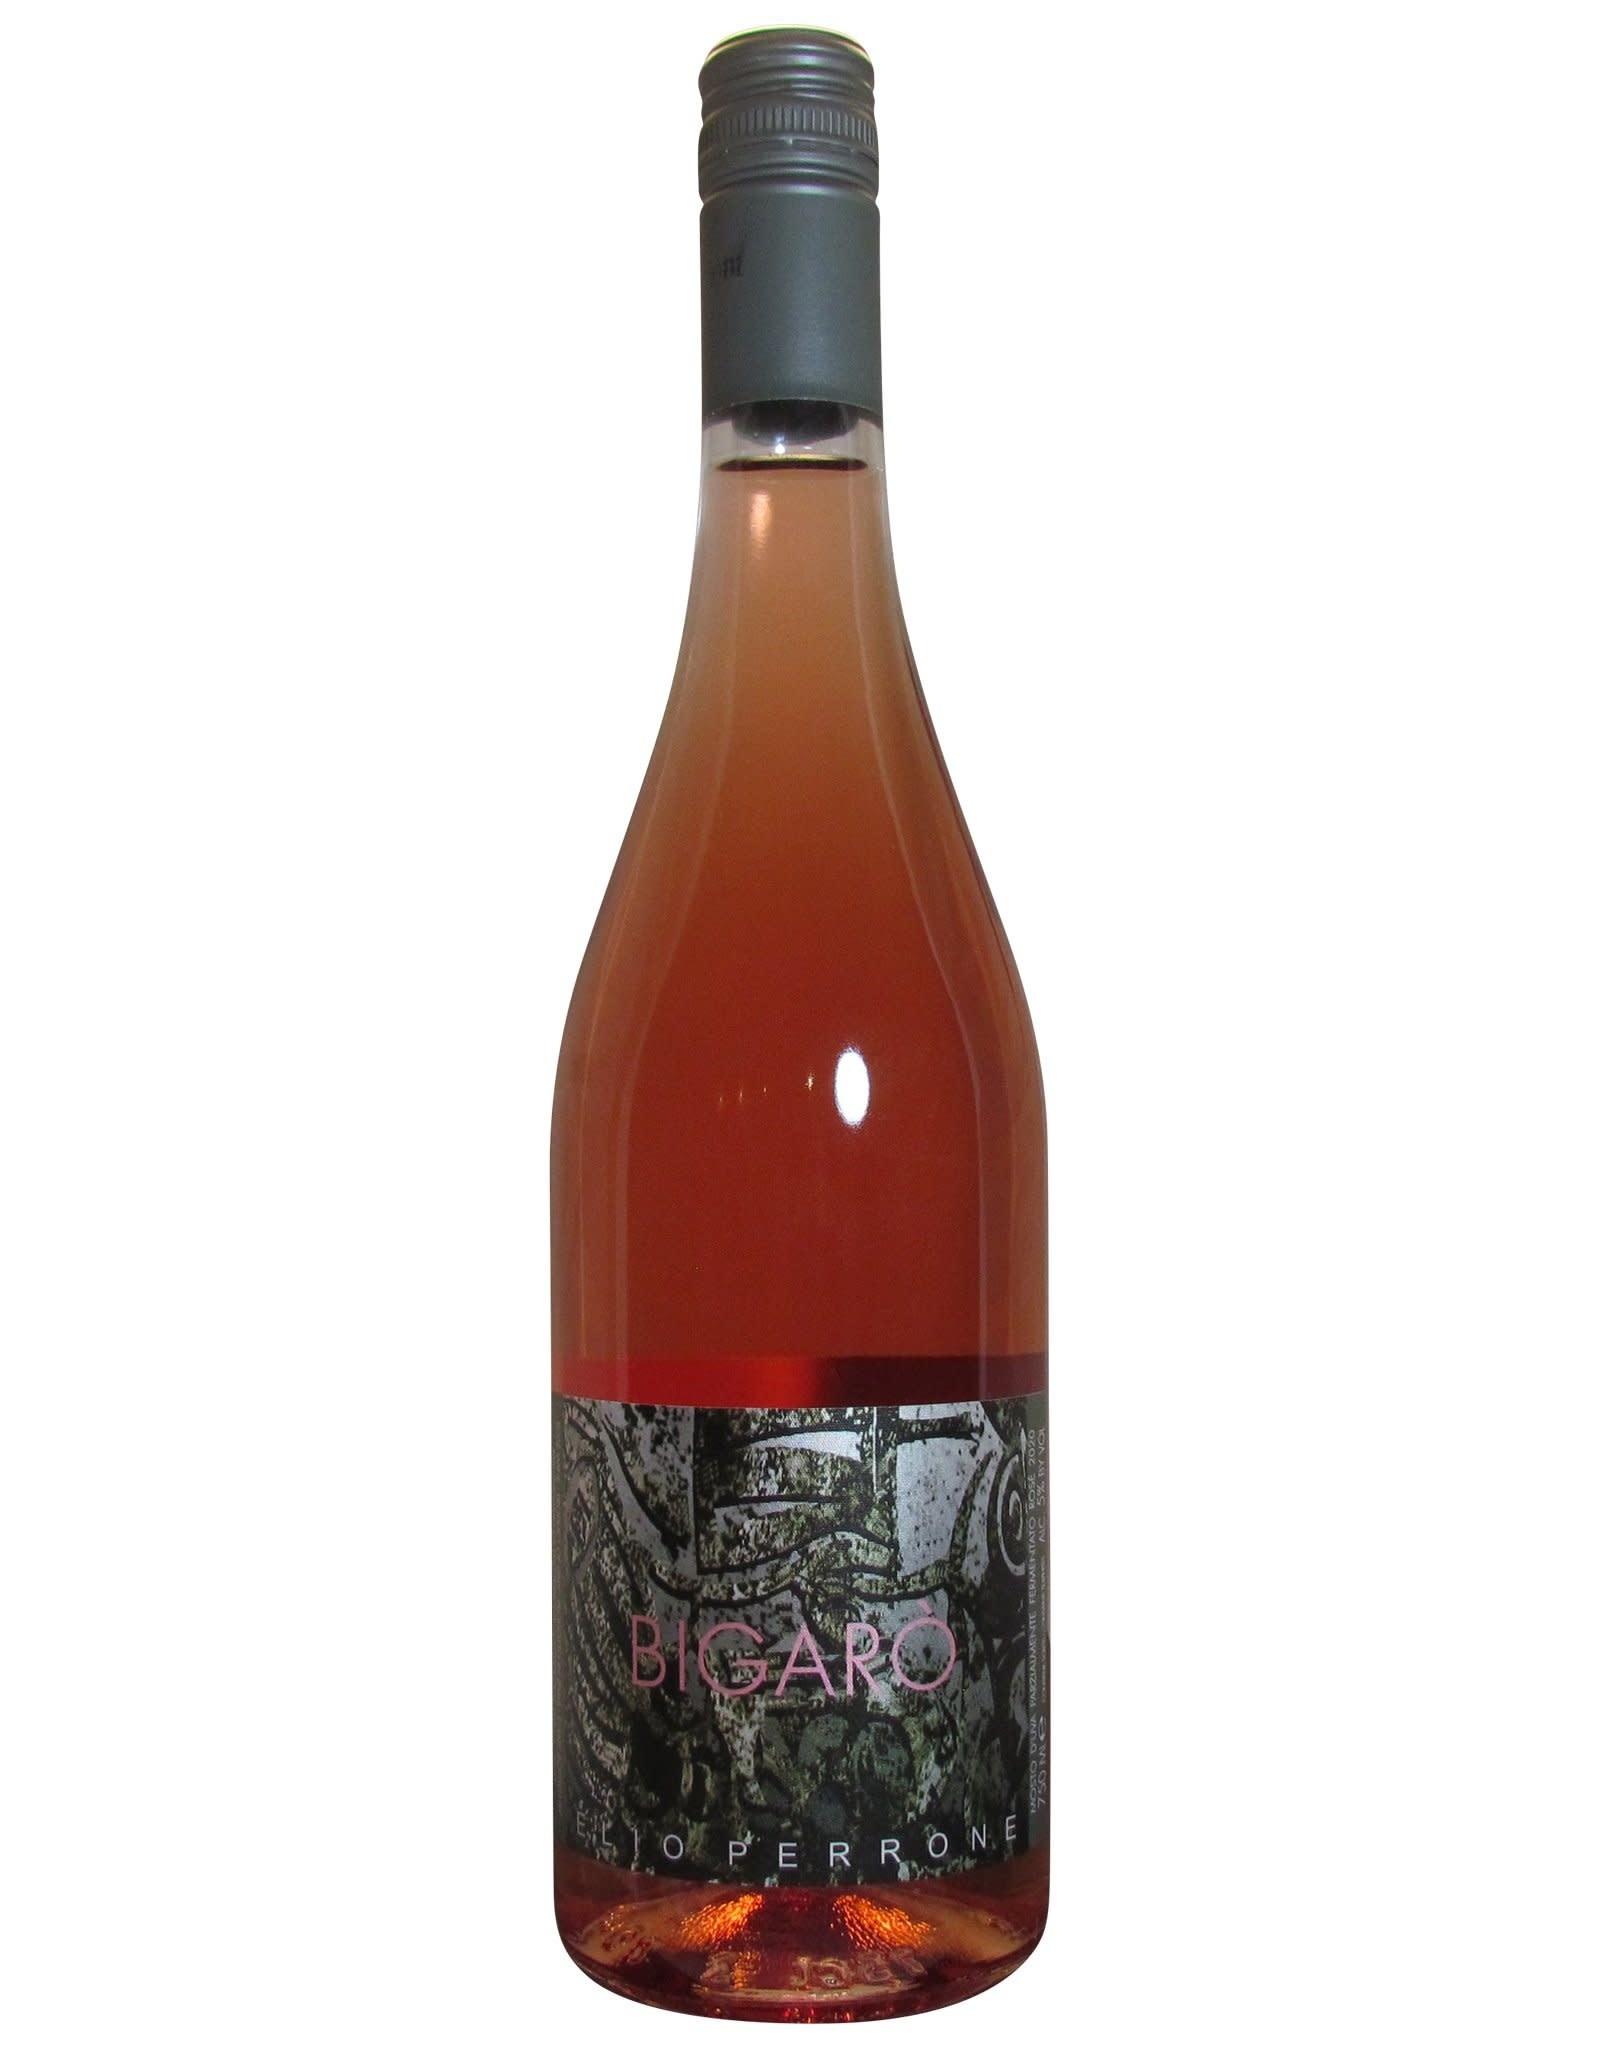 Wine-Sweet Red BIGARO, Elio Perrone 2020 (375mL)